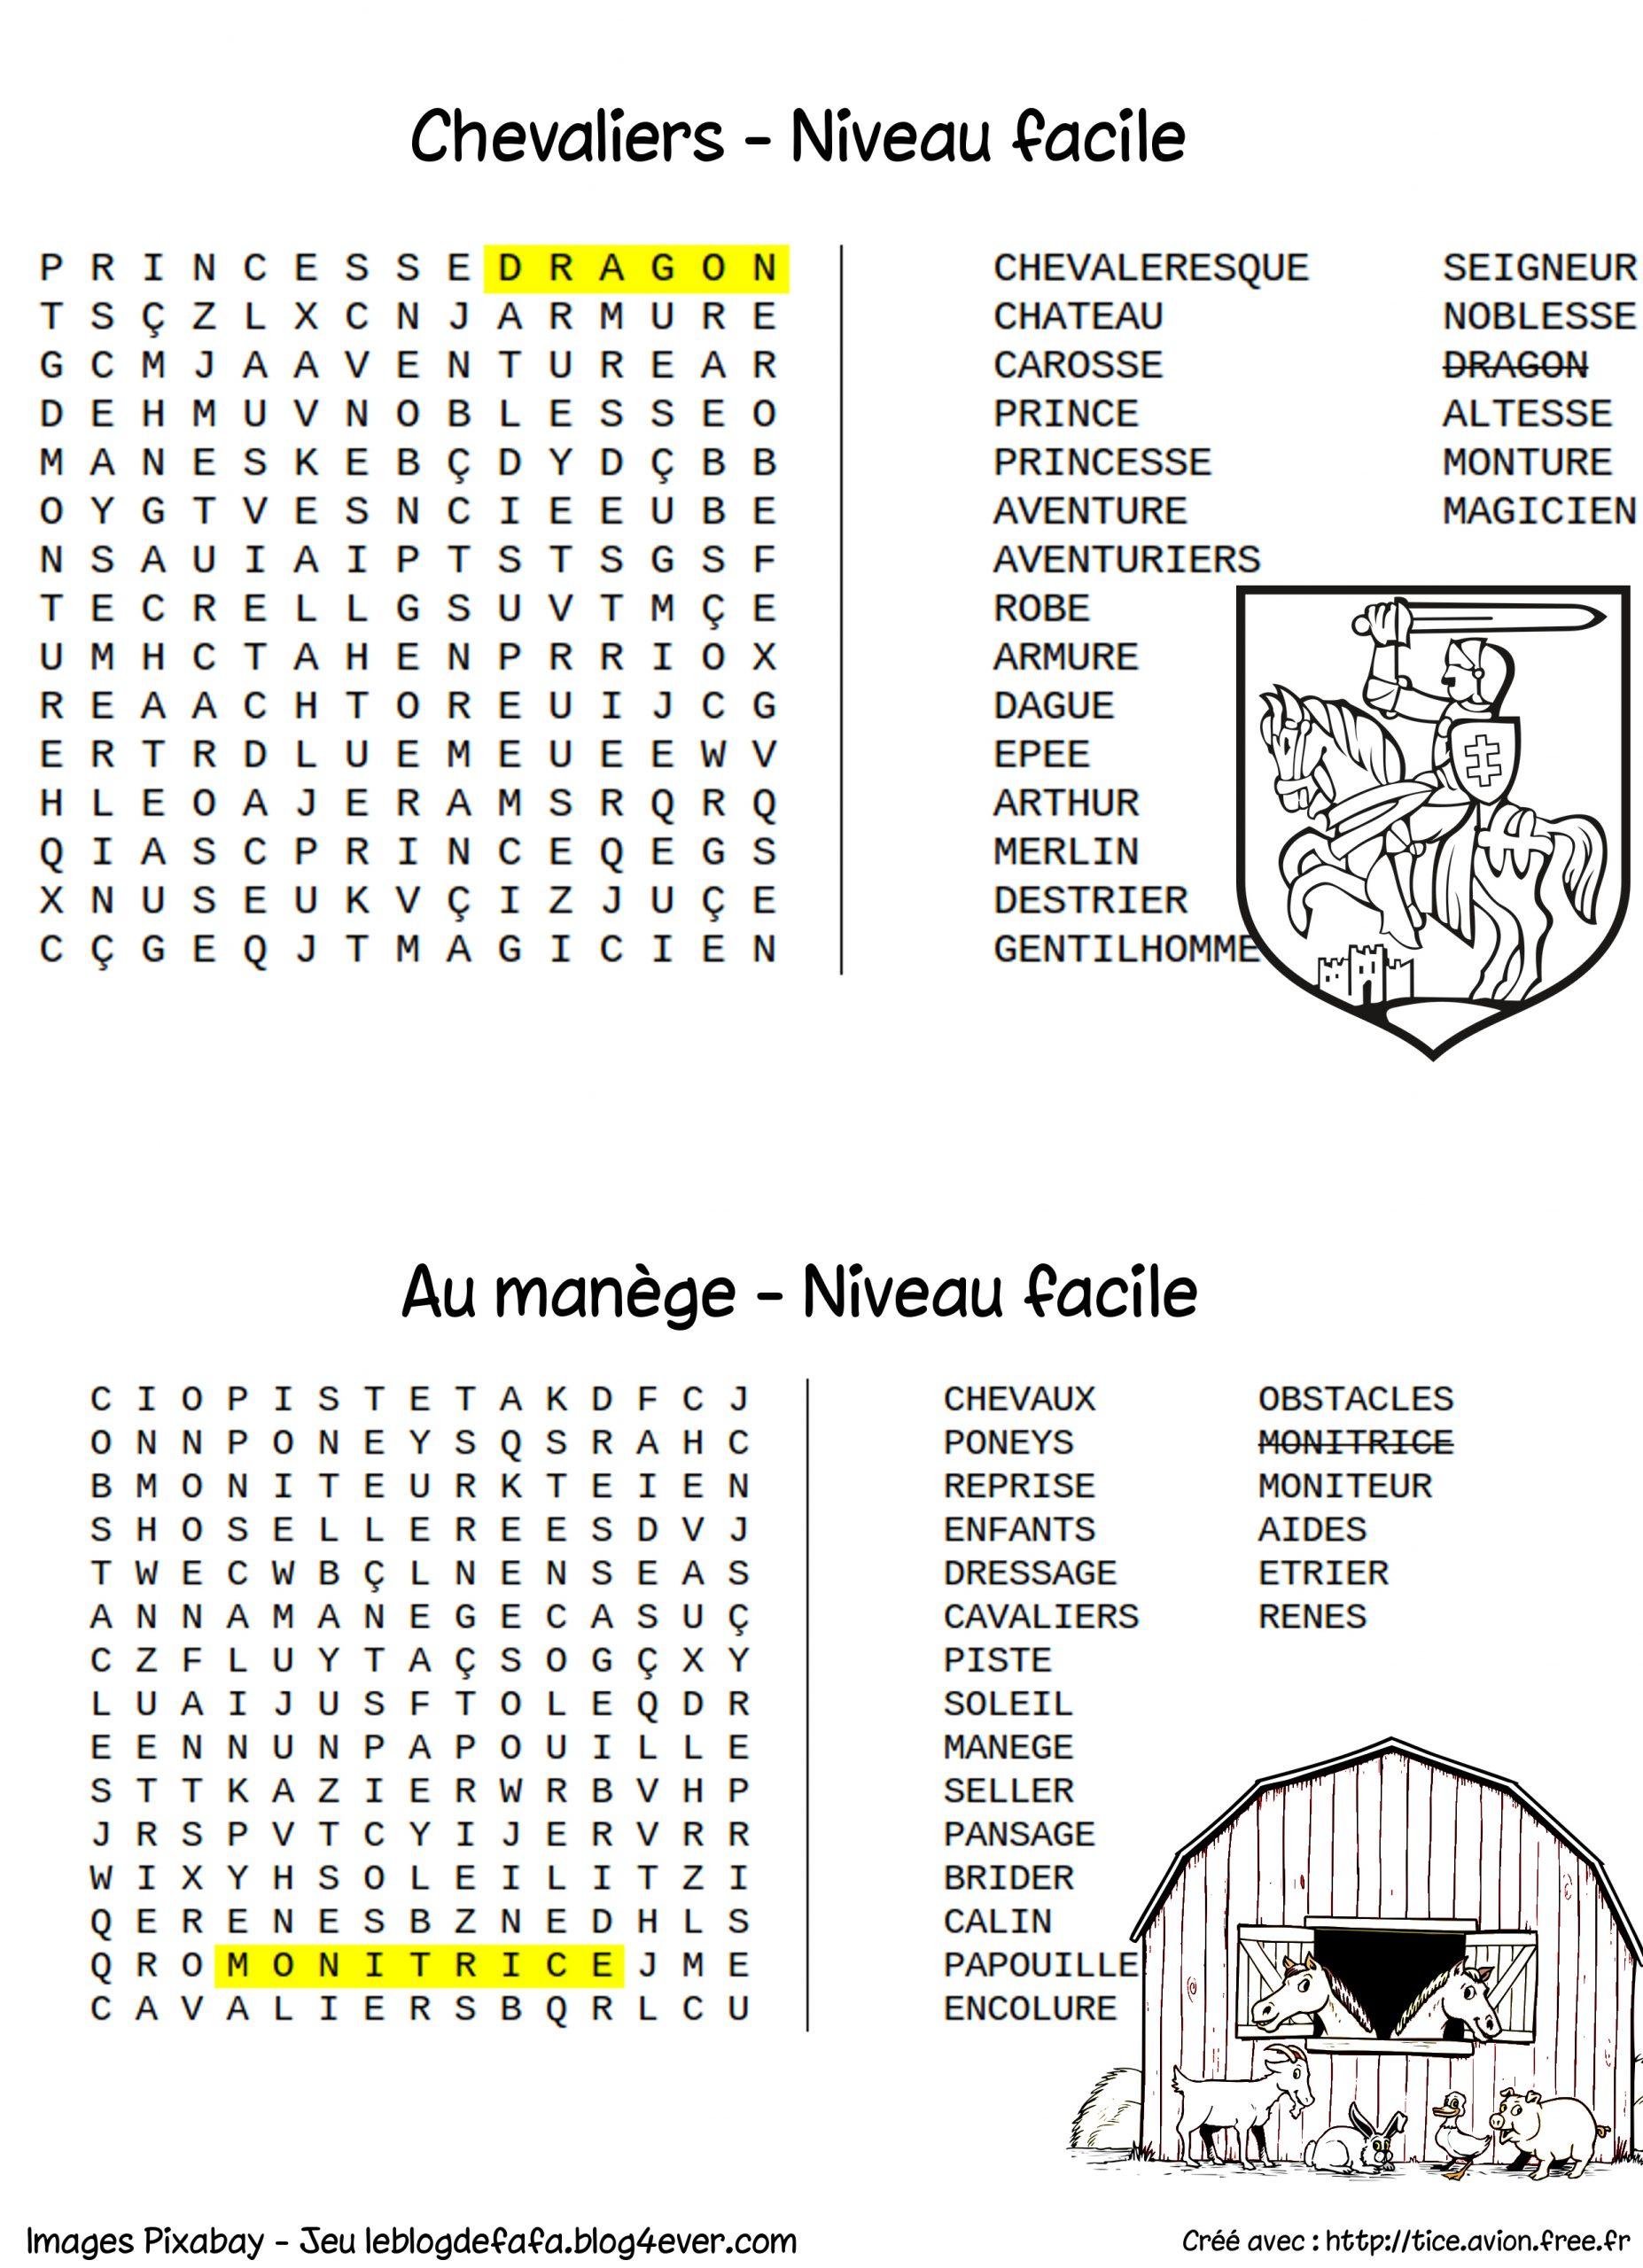 Mots Mêlés Gratuits À Imprimer Cheval Et Équitation (Nouveau tout Jeux De Mots Mélés Gratuit